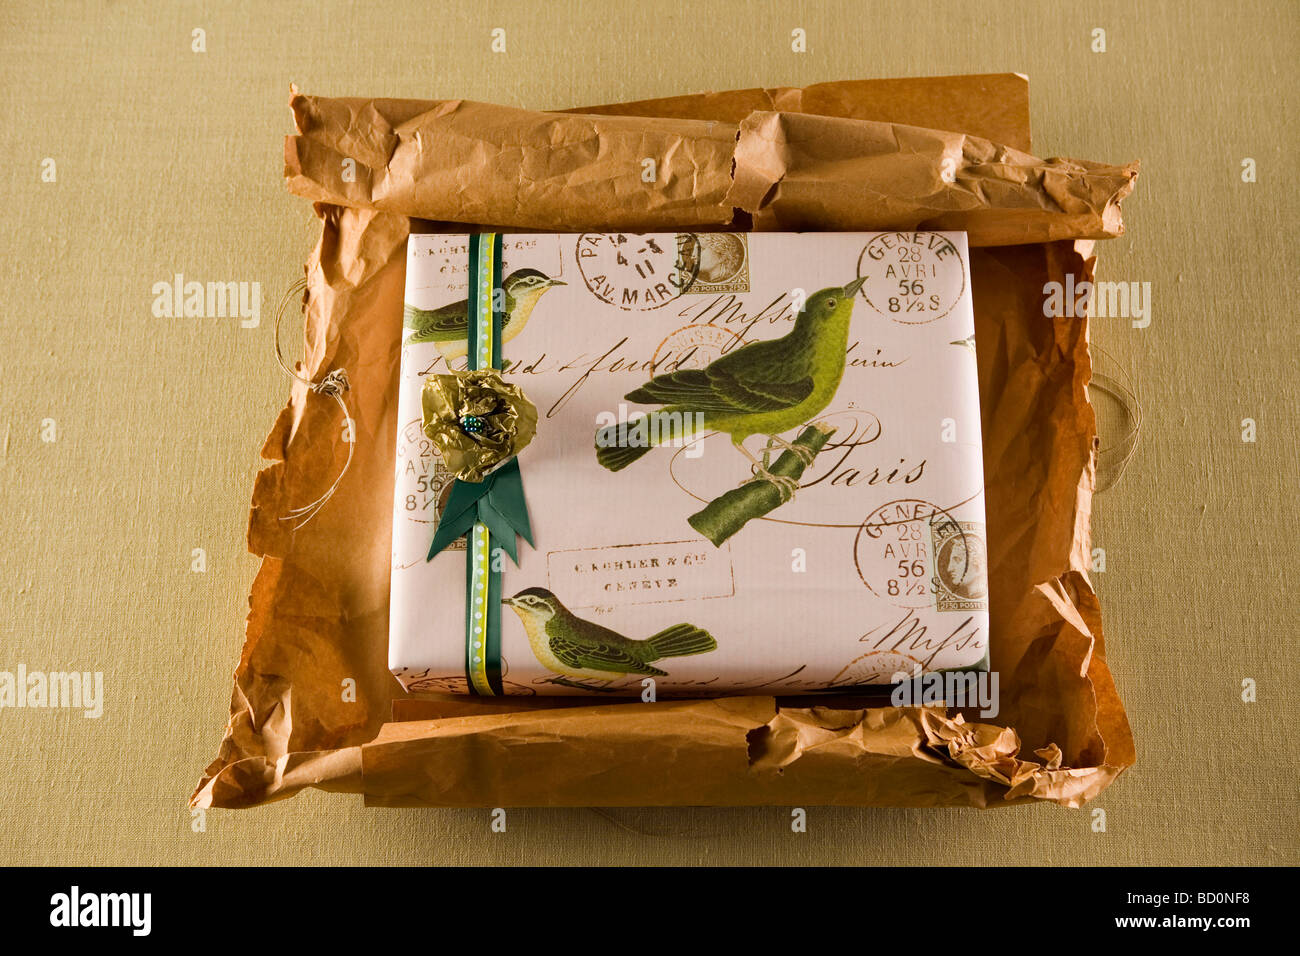 Paket mit Geschenk wird ausgepackt Stockbild